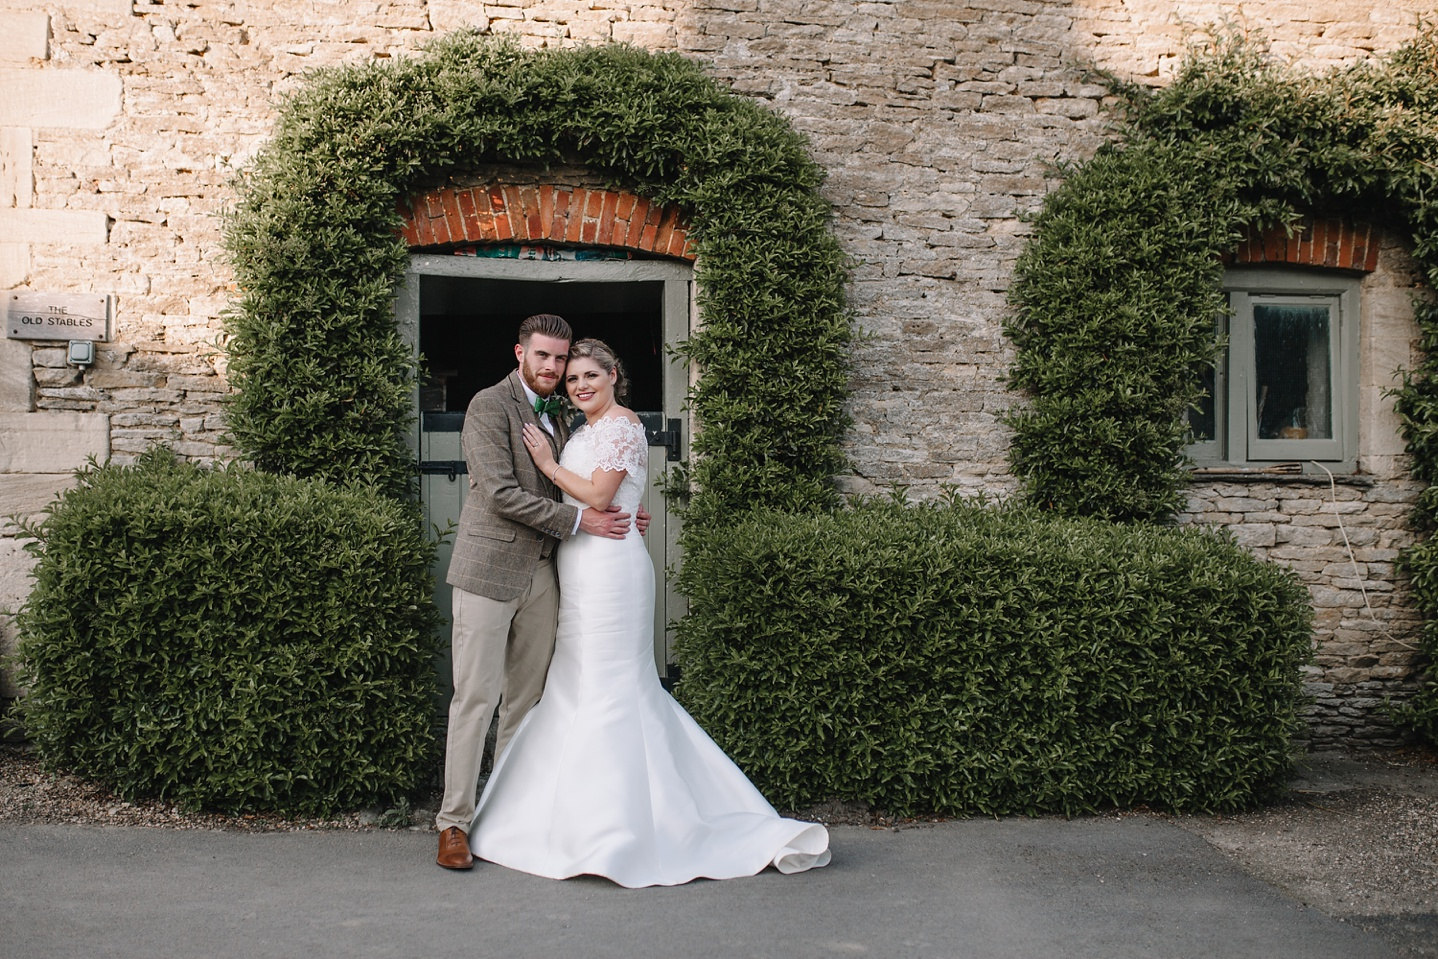 Oxleaze-Barn-Wedding-Photographer_0124.jpg